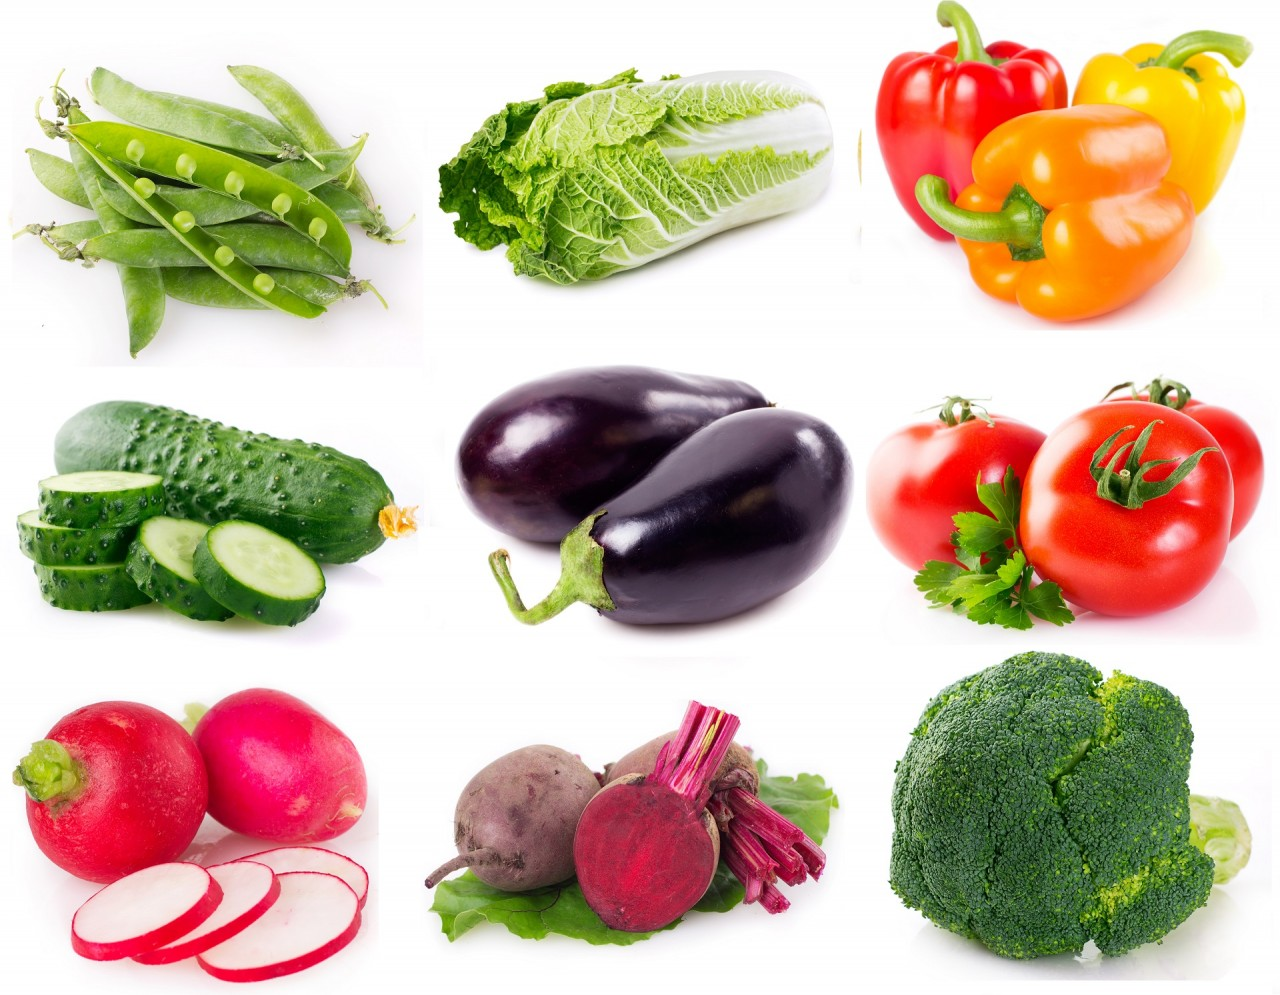 самые низкокалорийные продукты для похудения список